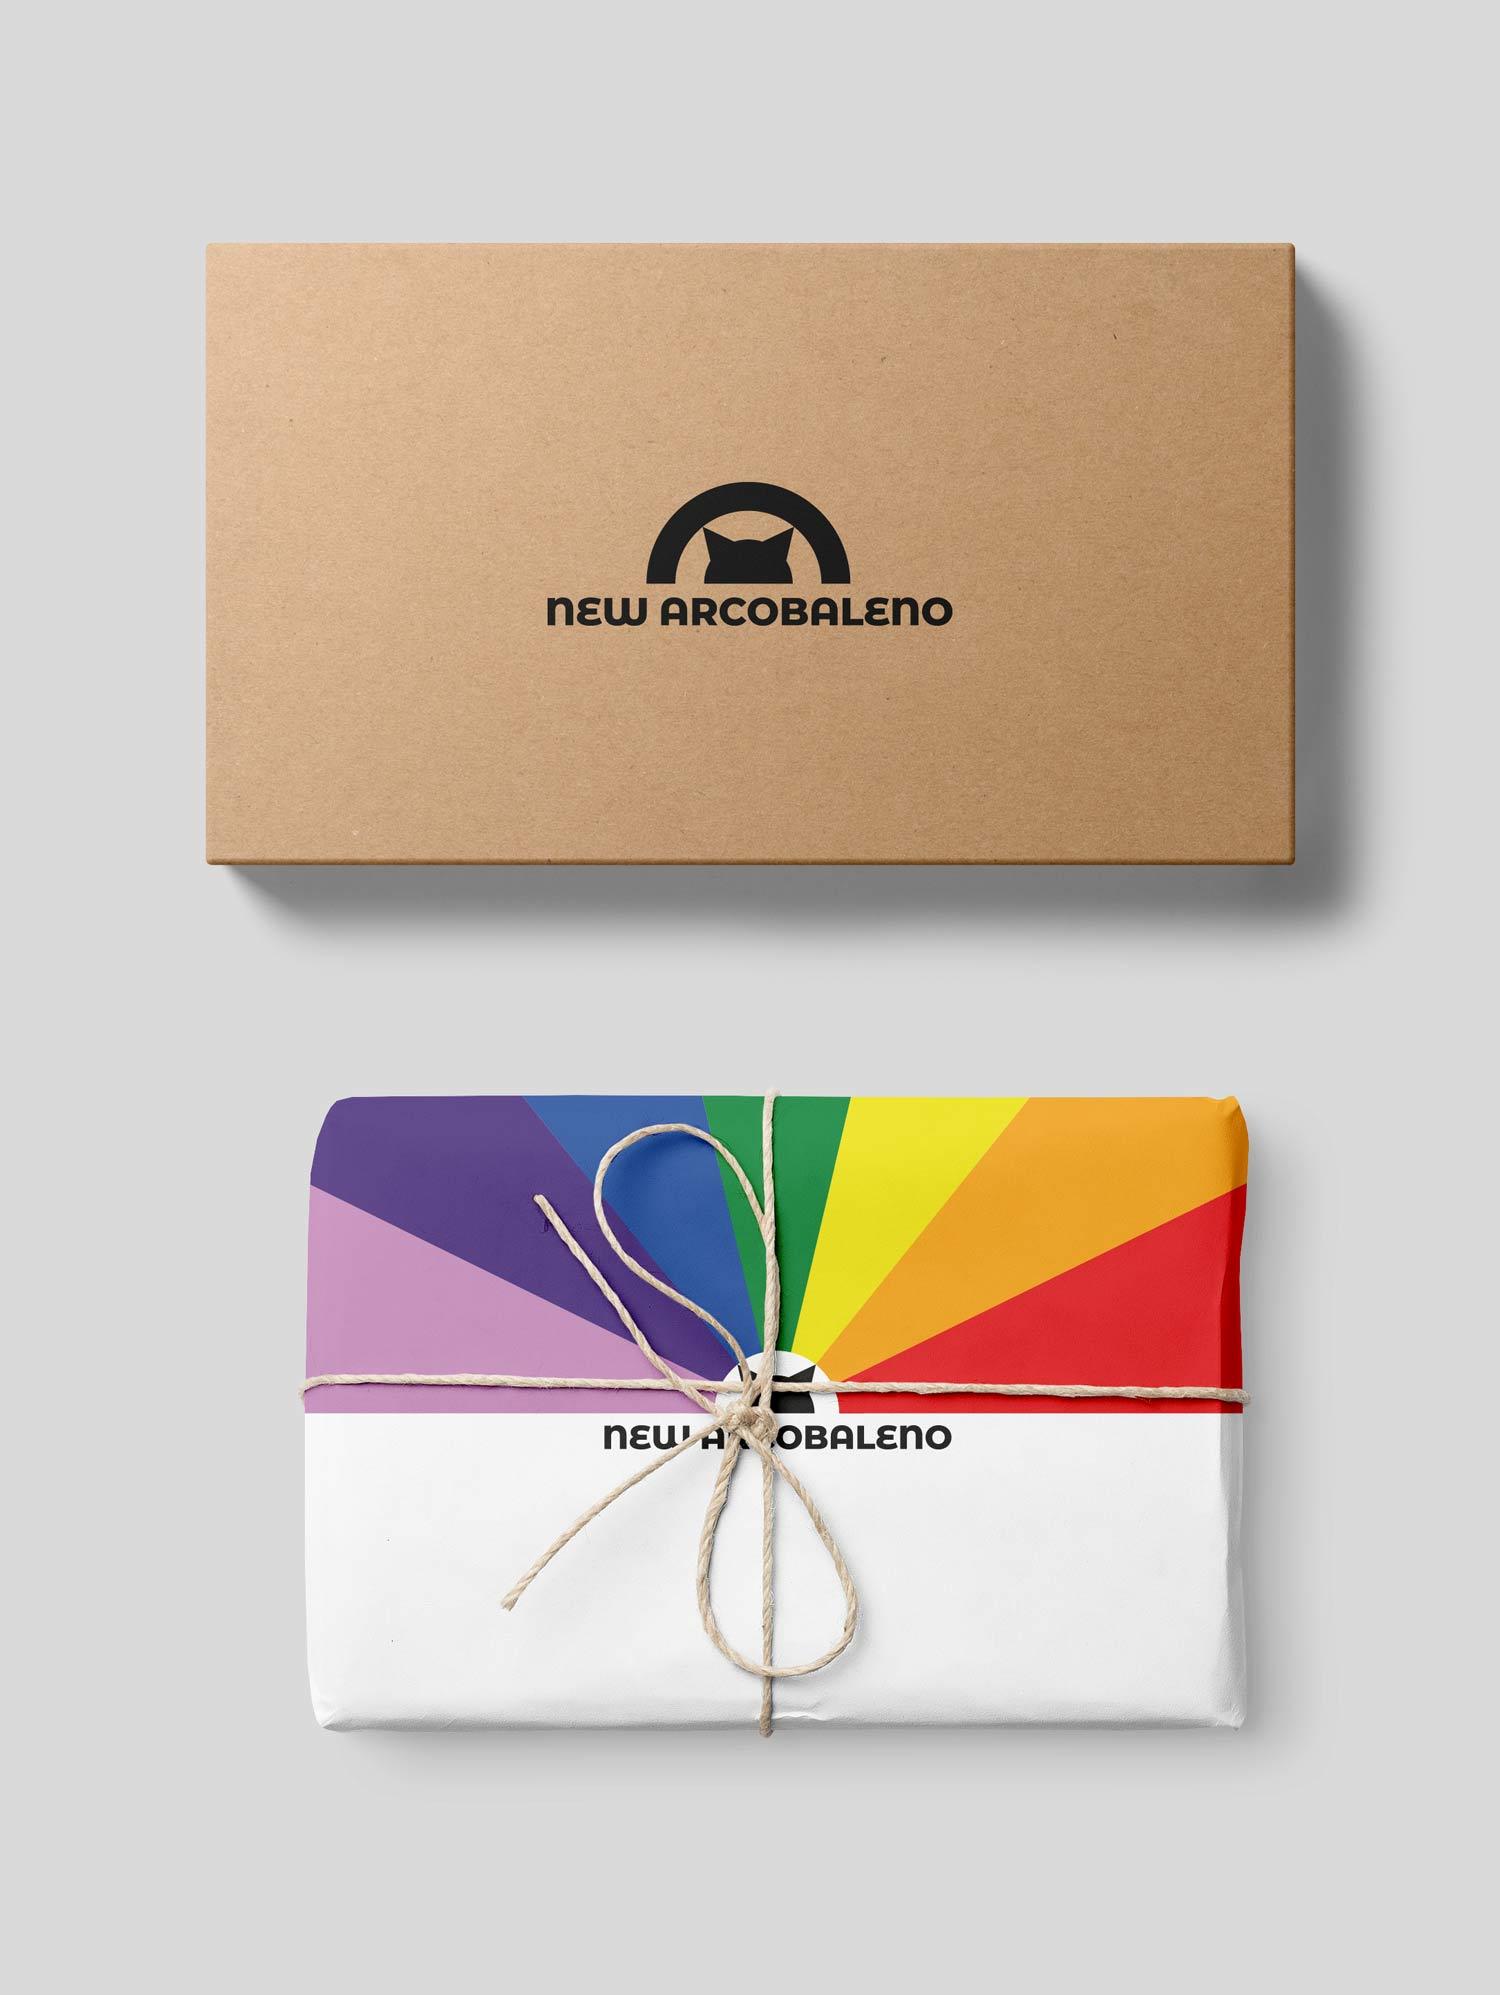 logo e brand identity design progetti di seba